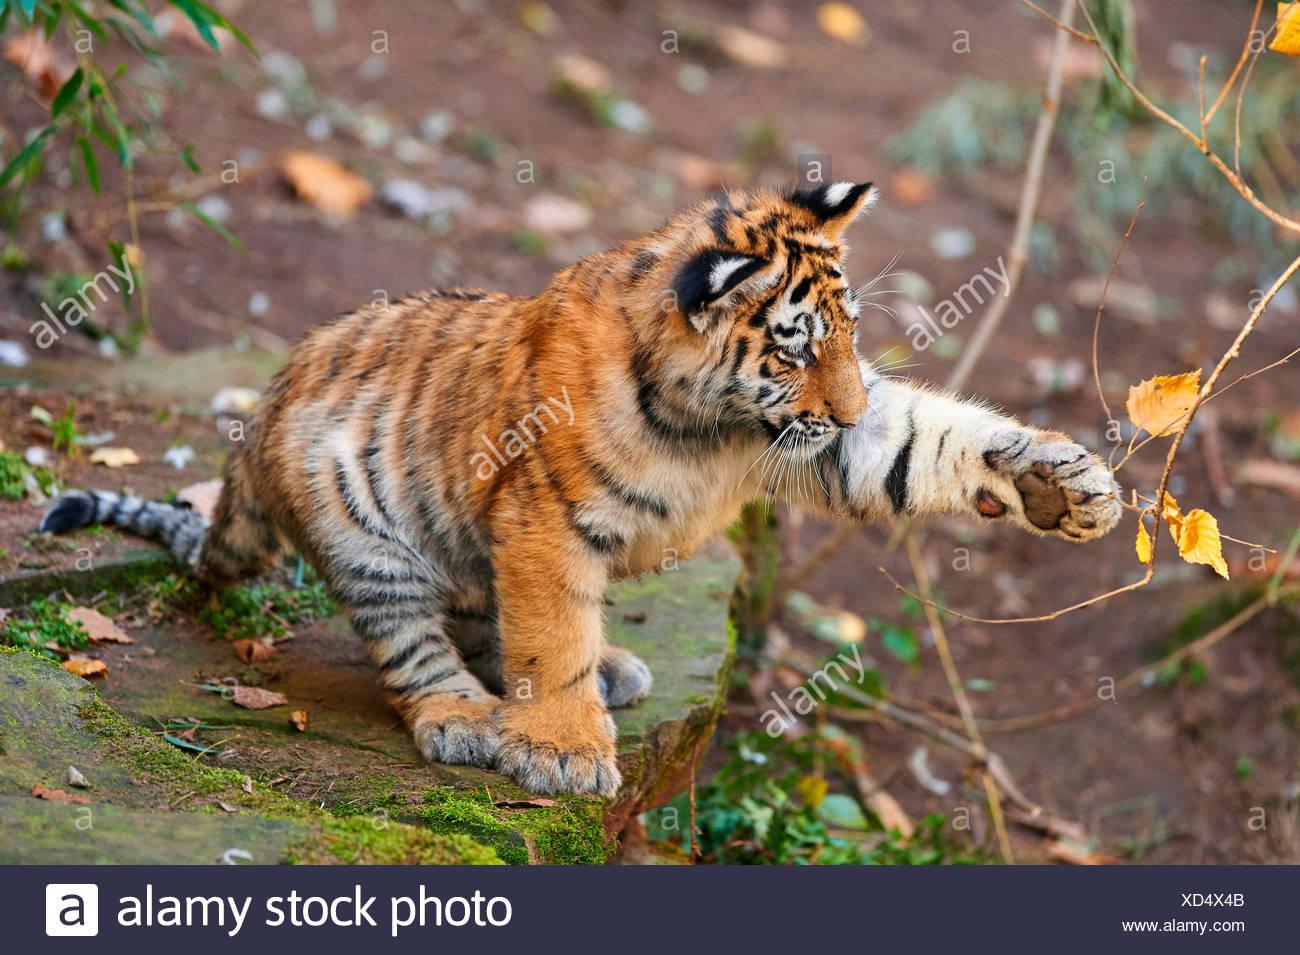 Tigre siberiano, Amurian tigre (Panthera tigris altaica), Tiger Cub jugando con una ramita Imagen De Stock